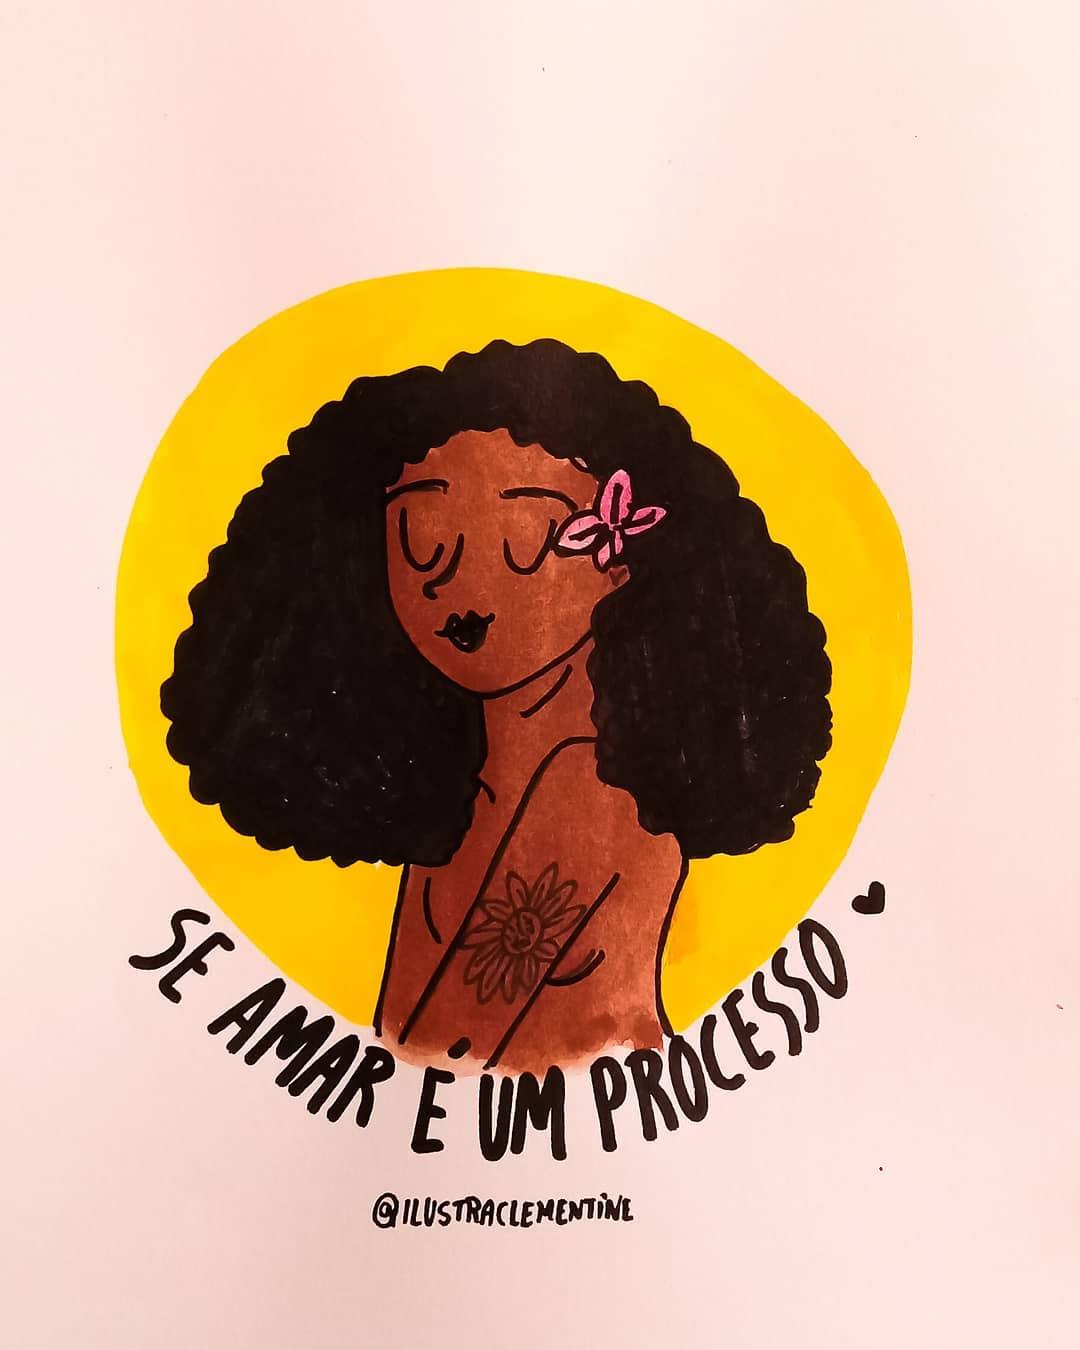 Se amar é um processo.